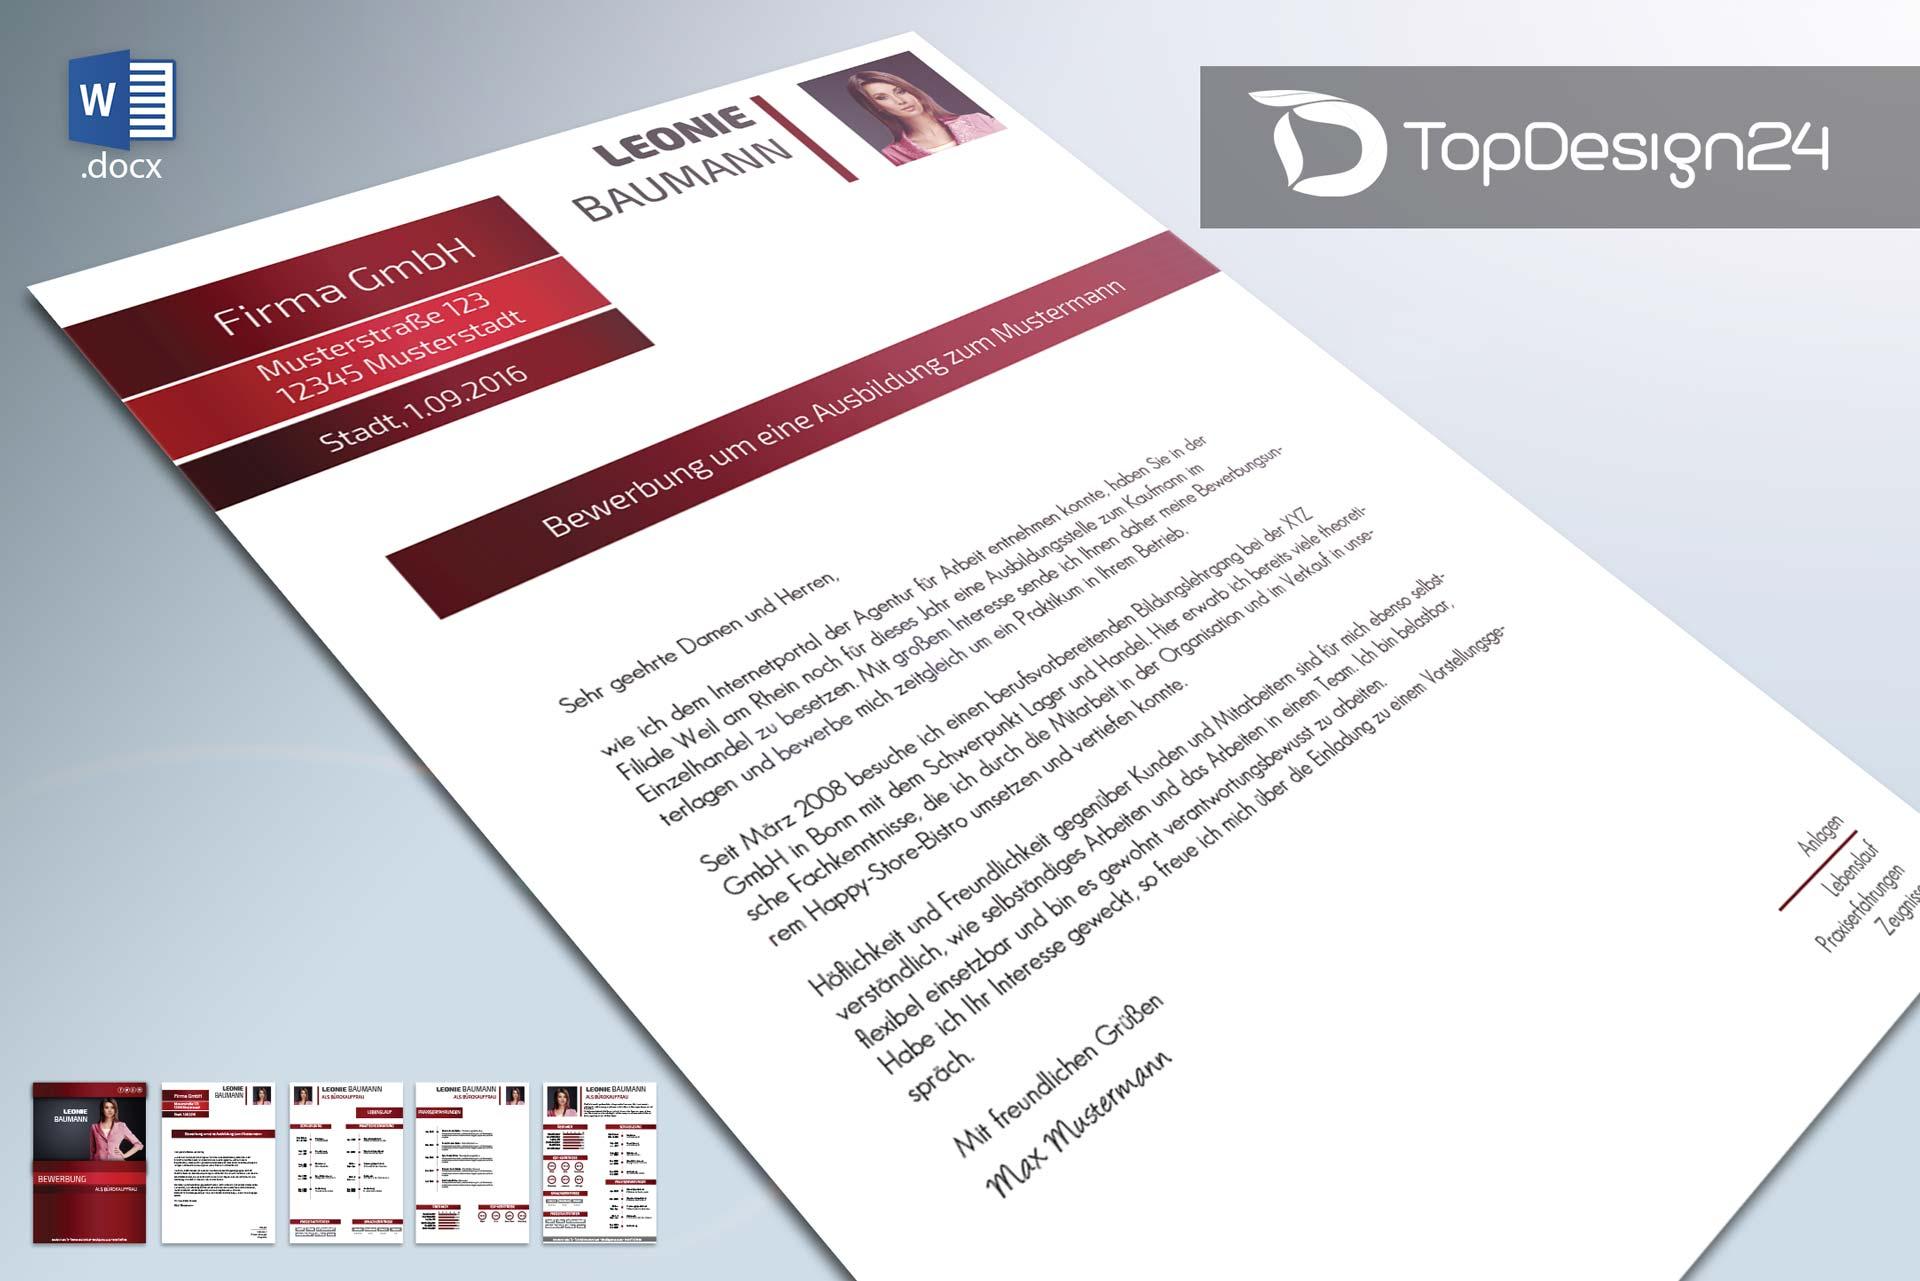 Online bewerbung muster topdesign24 Create a blueprint online